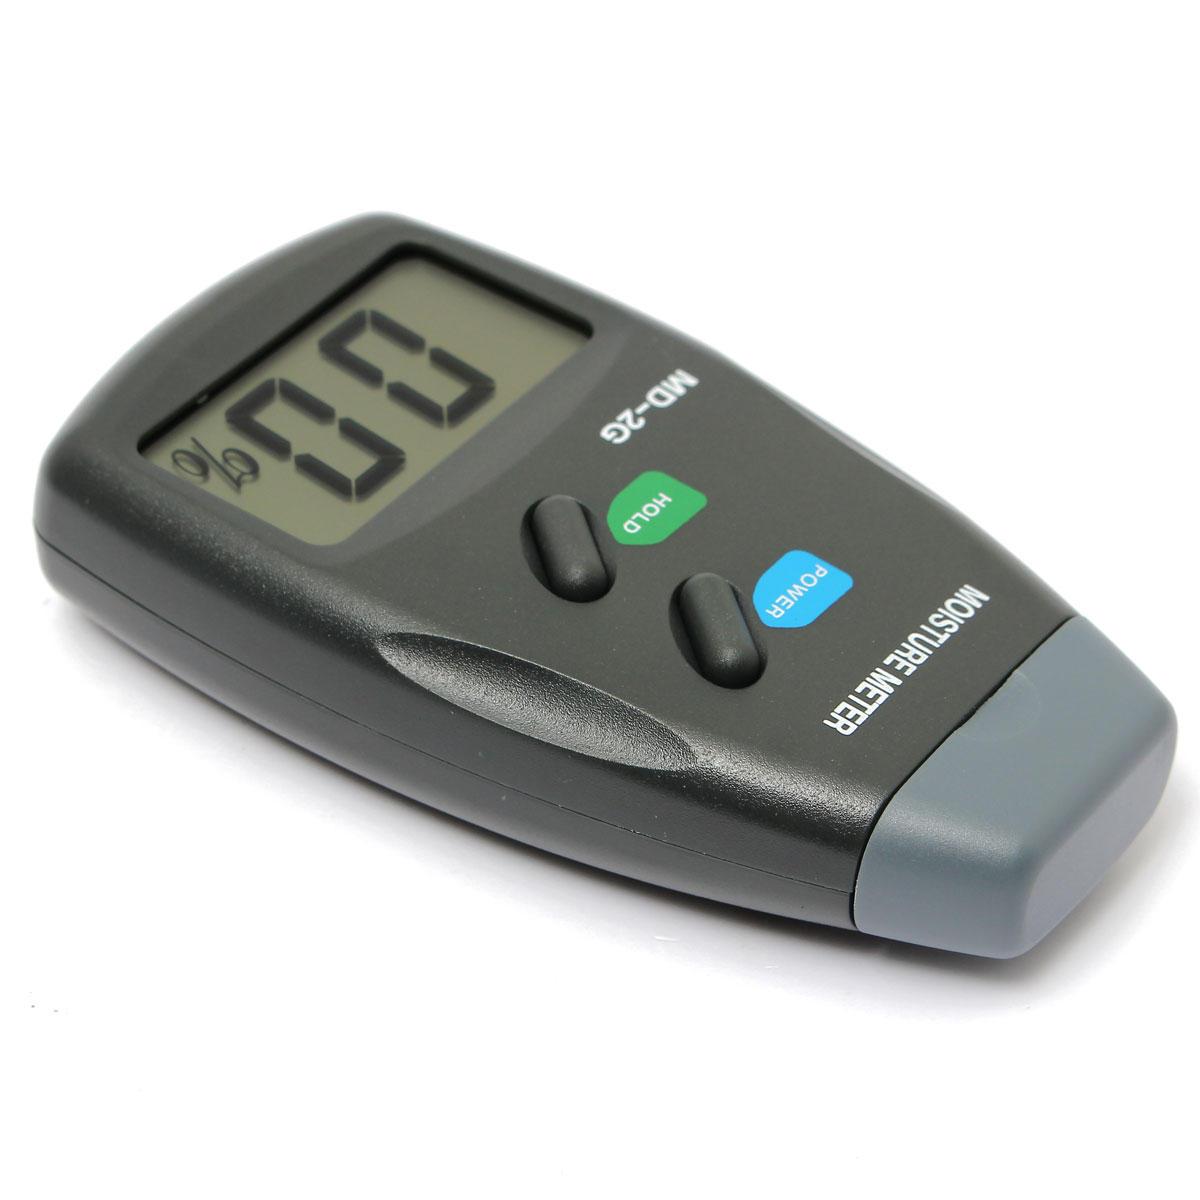 em 2g moisture meter manual